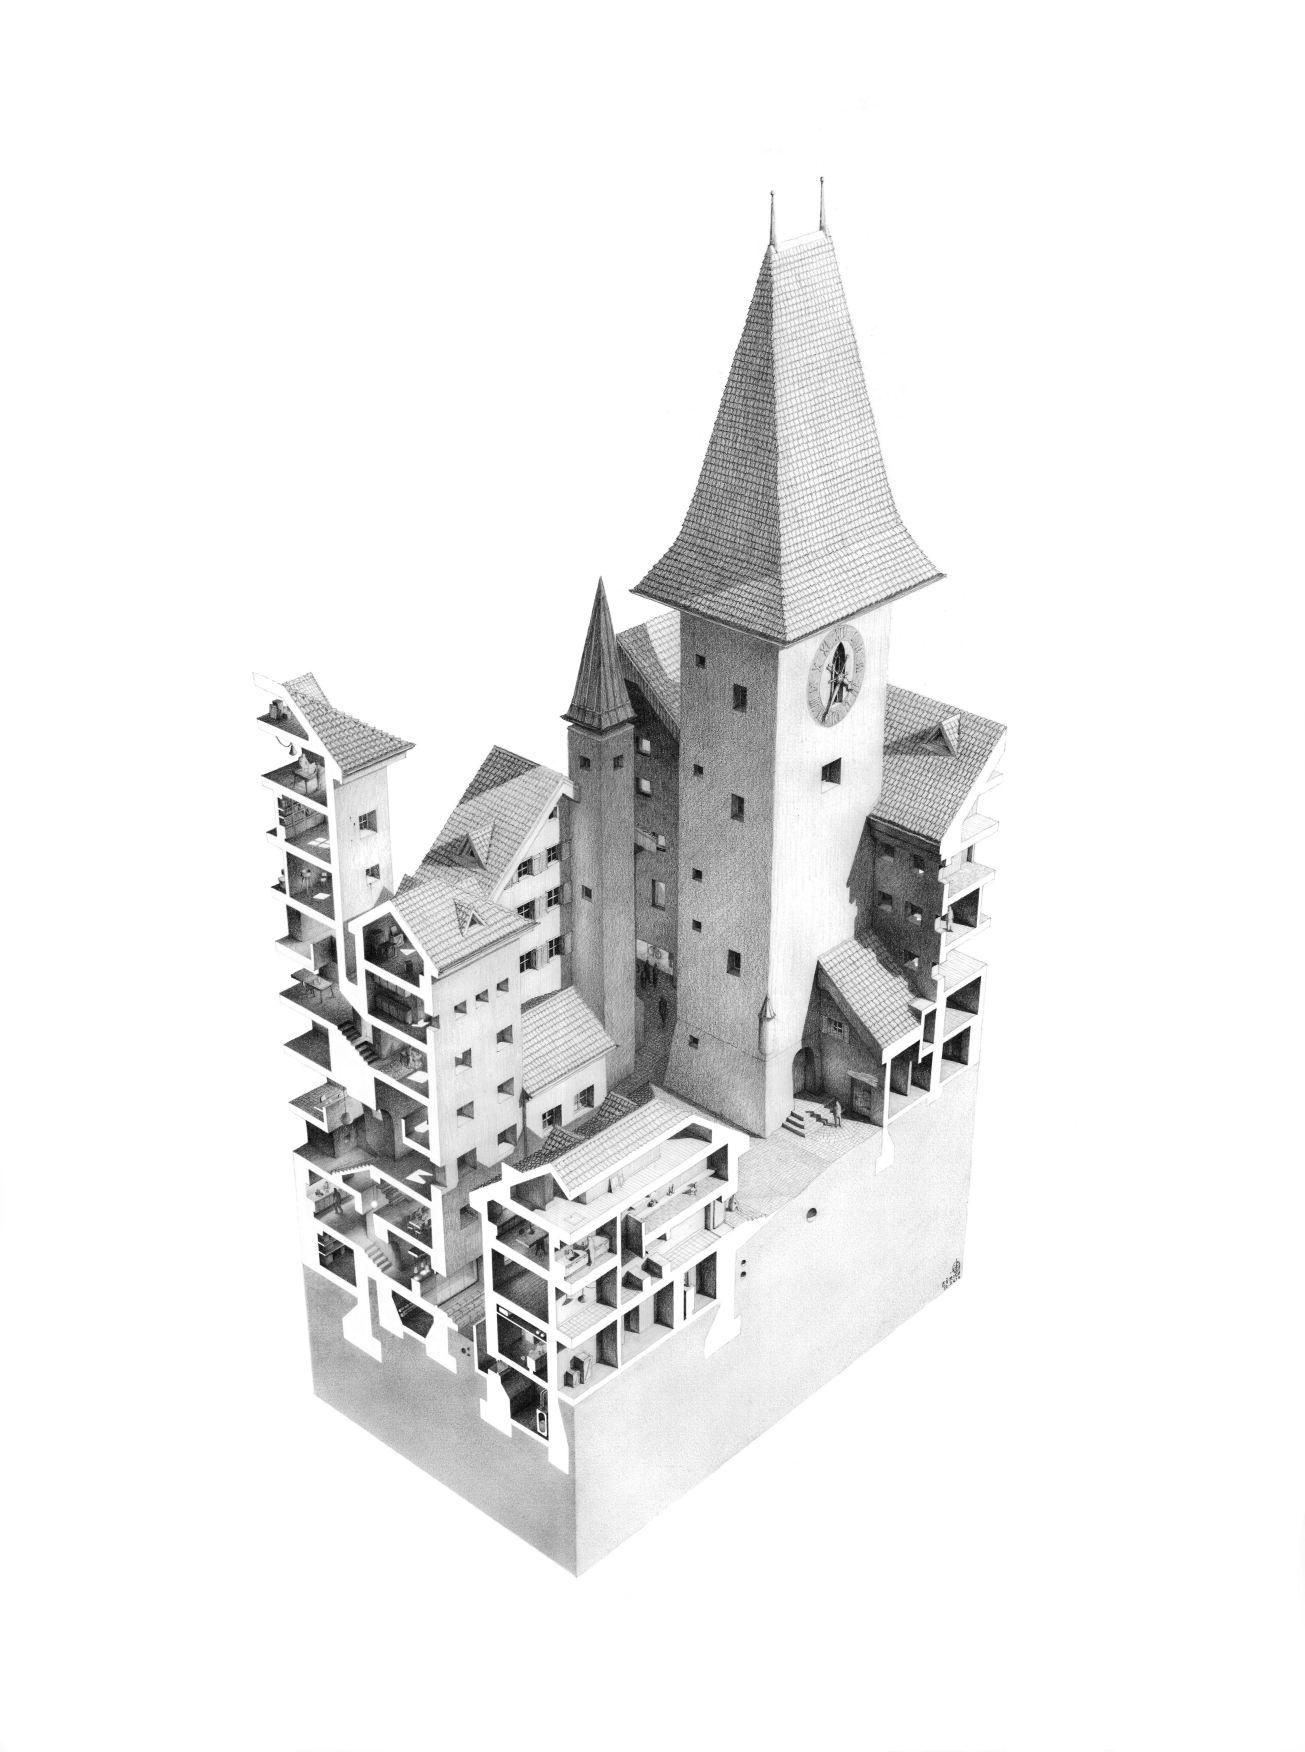 Züri Diurne' - John Baker - Architect